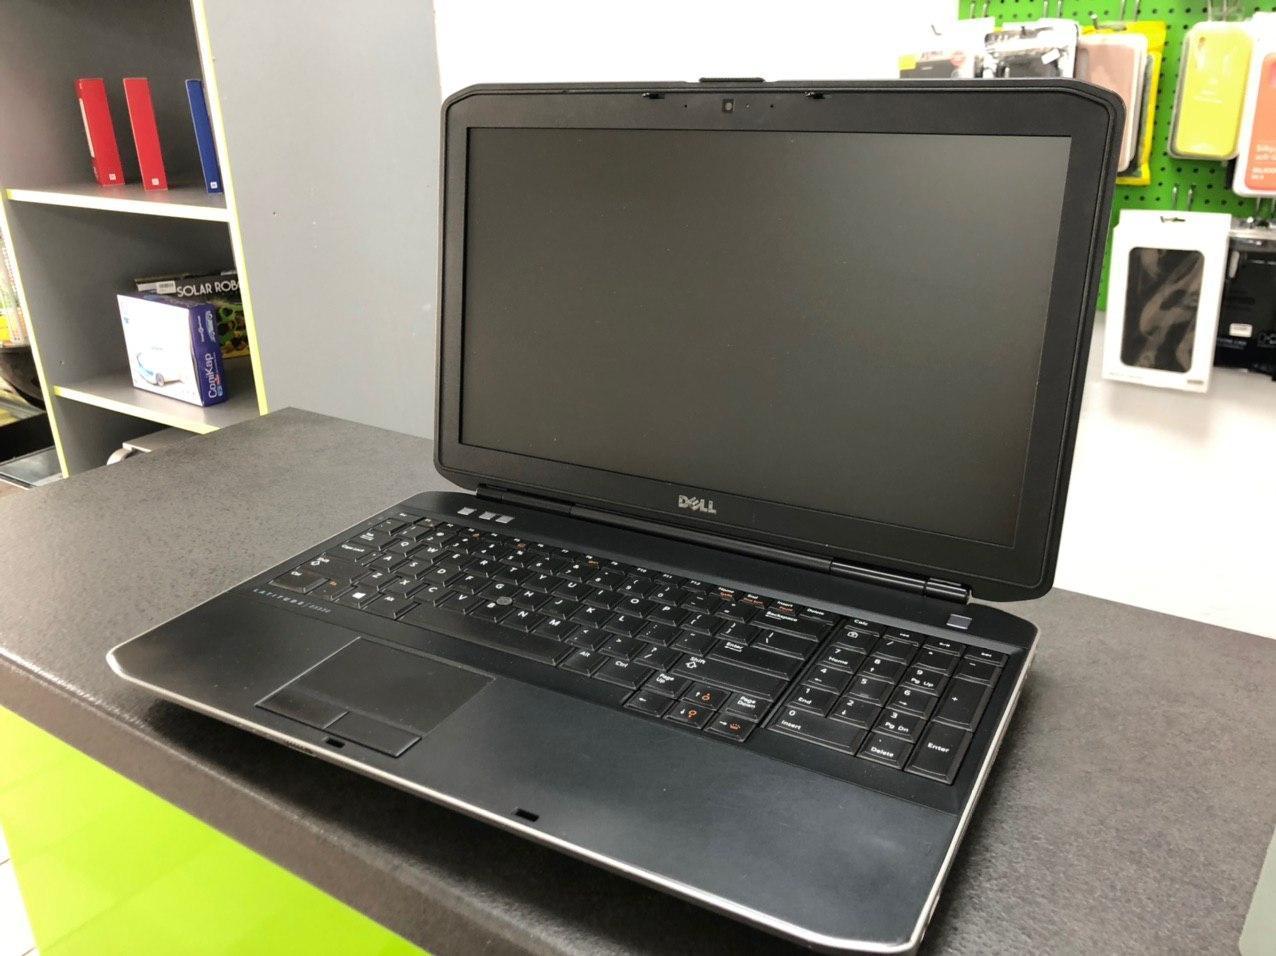 Ноутбук Dell Latitude E5530 | 15,6'' HD (1366*768) | i3-3210M (2.4GHz) | RAM 4Gb | HDD 250Gb